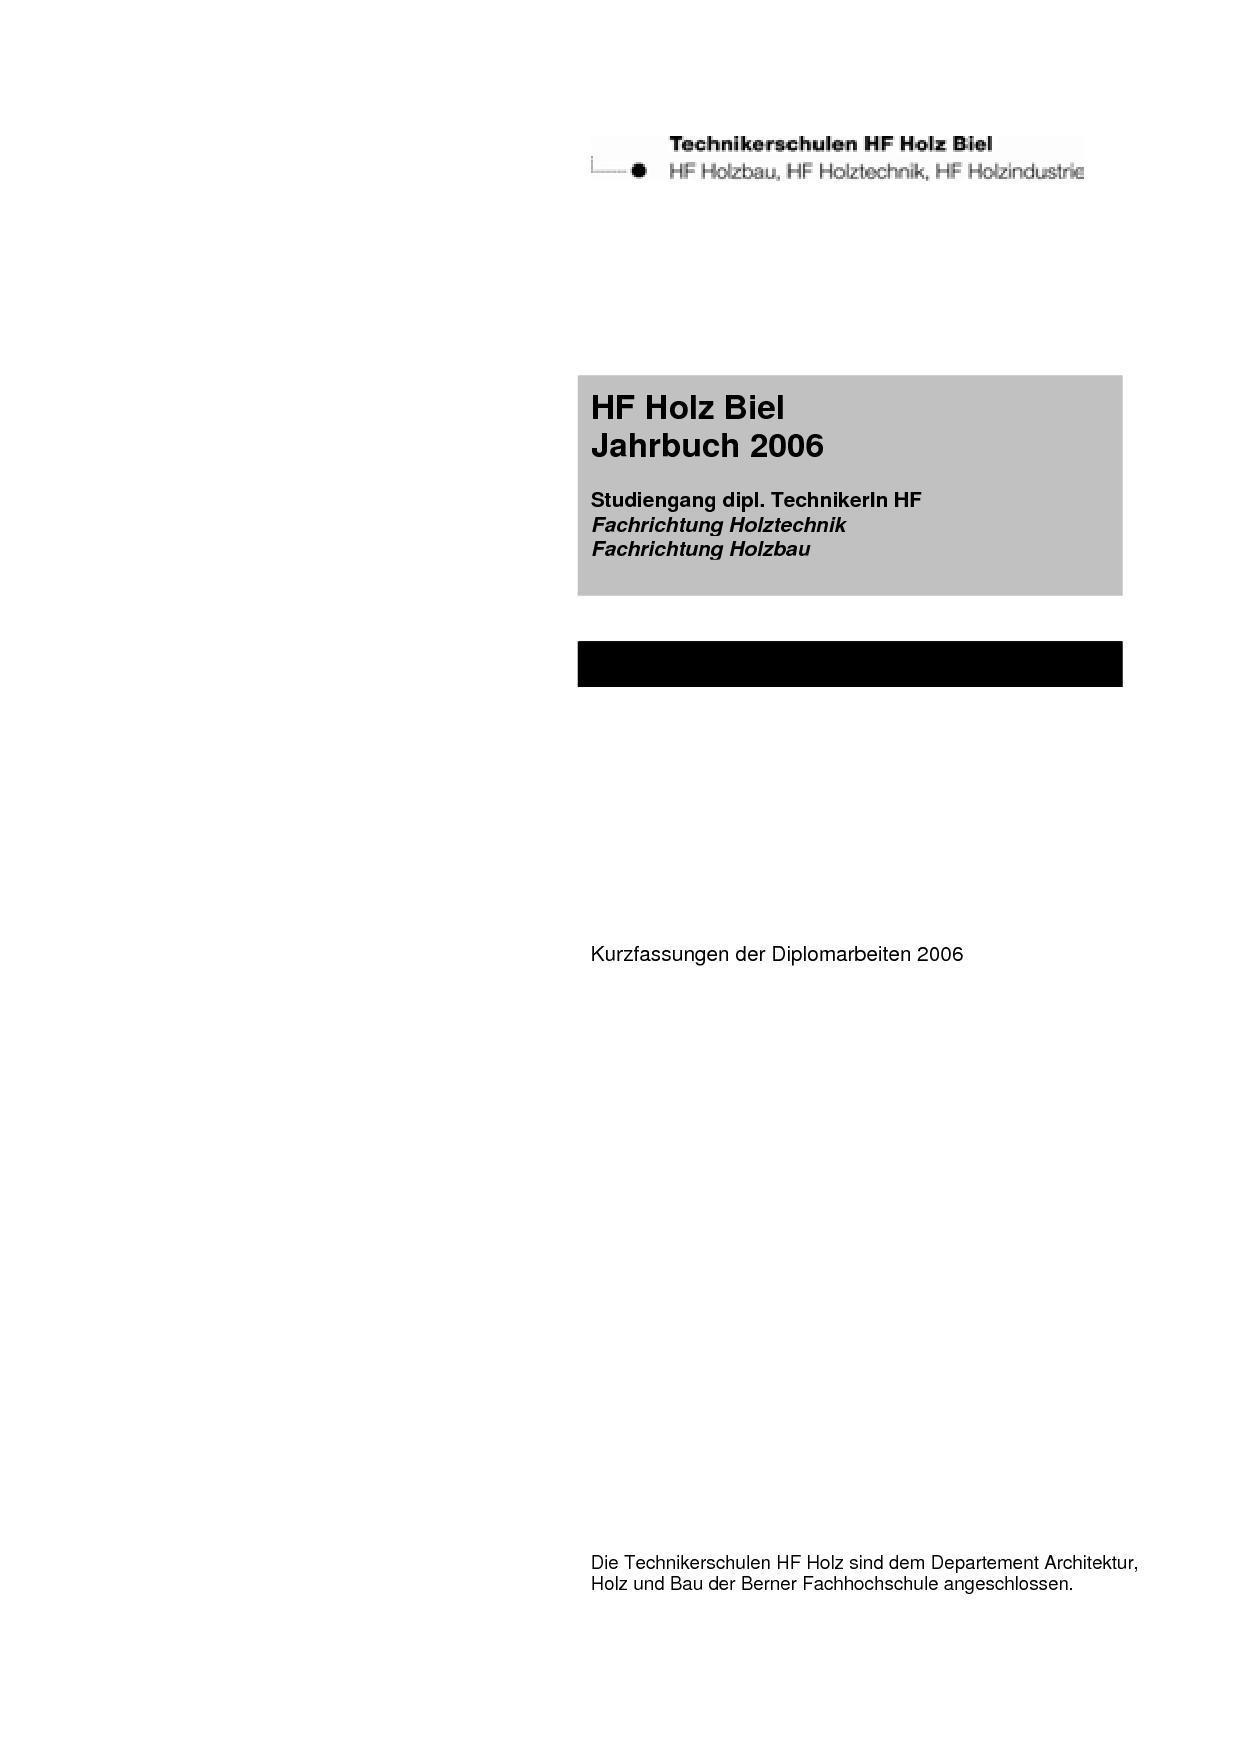 Ausgezeichnet Vorlage Jahrbuch Bilder - Entry Level Resume Vorlagen ...